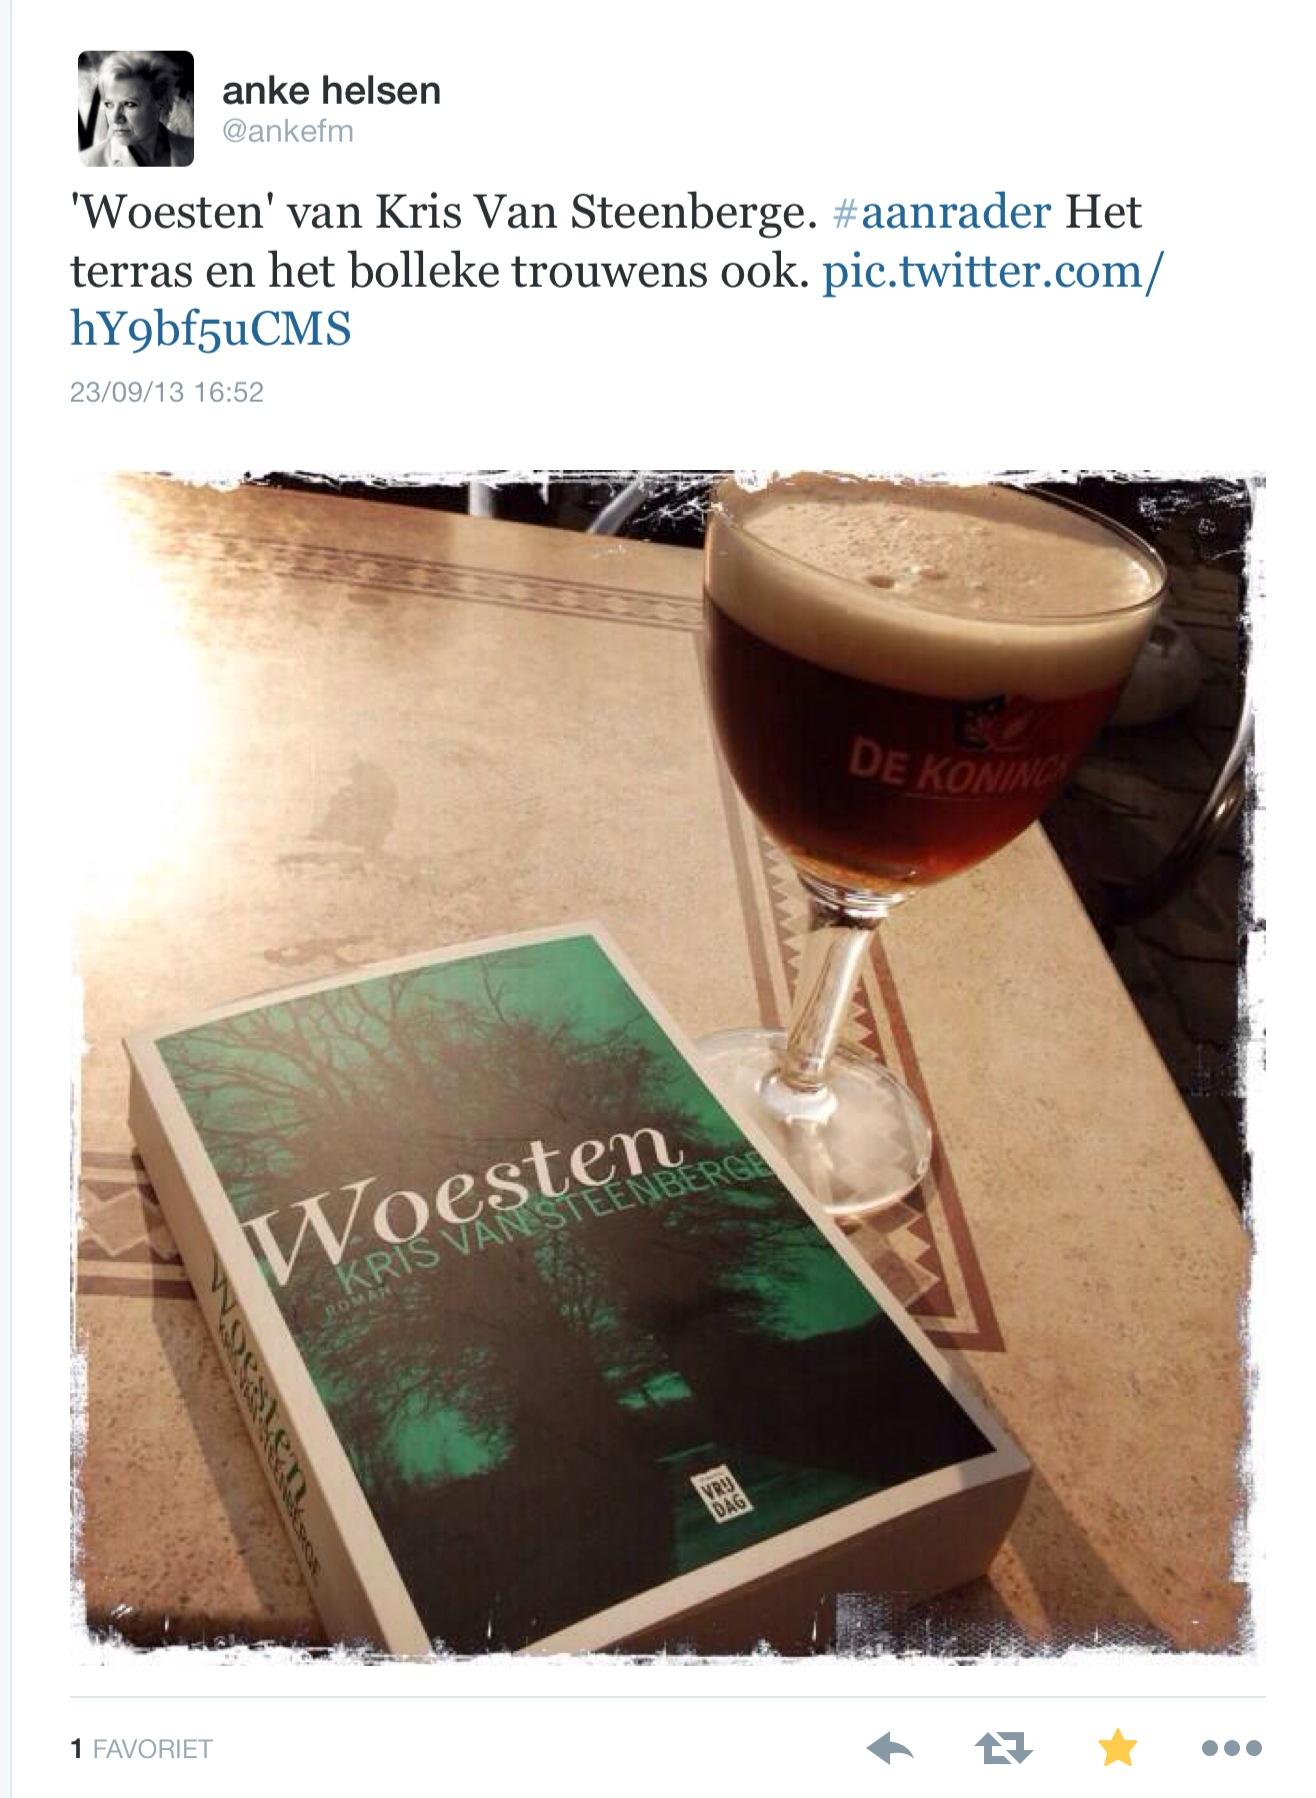 commentaar Anke Helsen